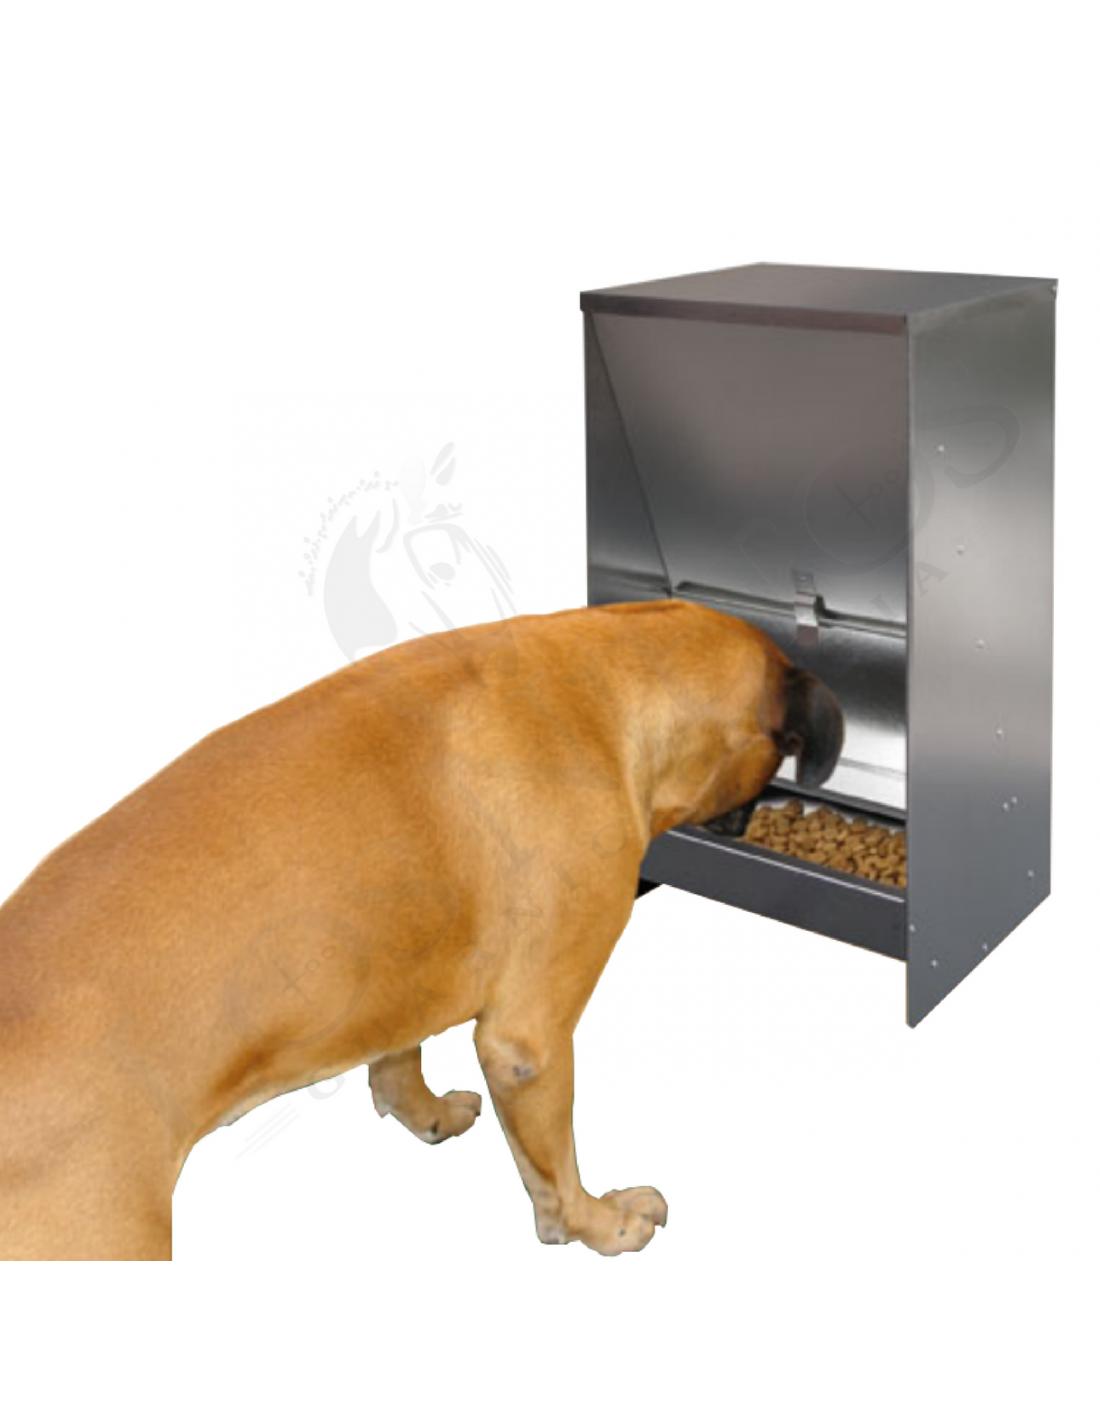 Tolva comedero para perros 20 kg for Comederos para perros